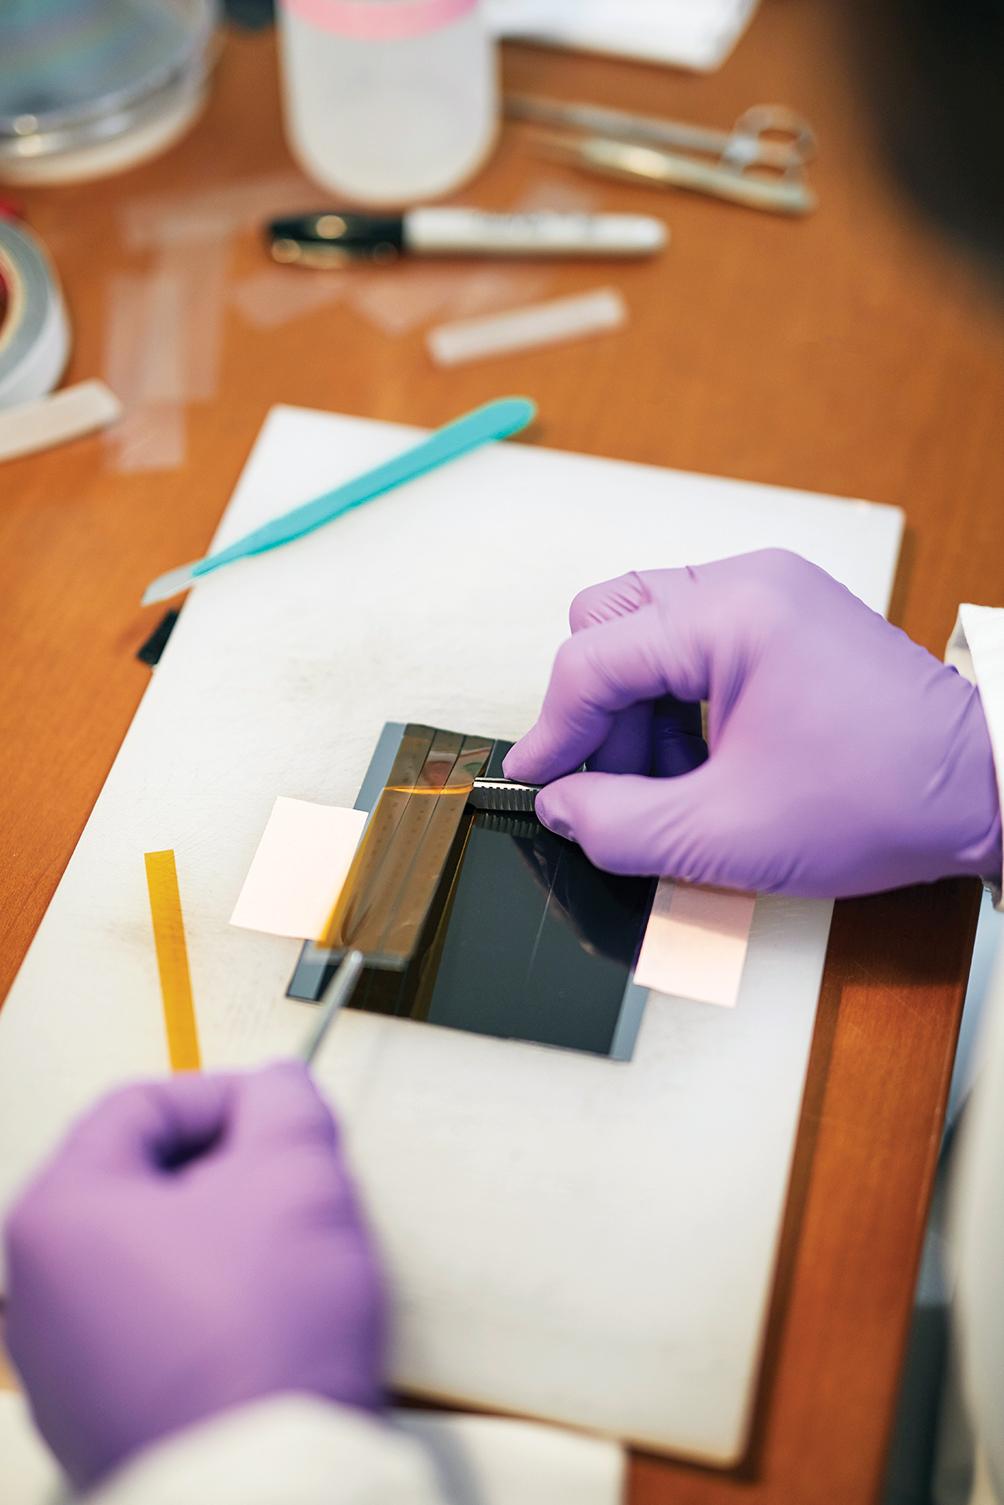 La cinta, con las muestras del cerebro unidas, se recorta y se pone en una placa de diapositivas que entrará en una máquina de exploración enorme.